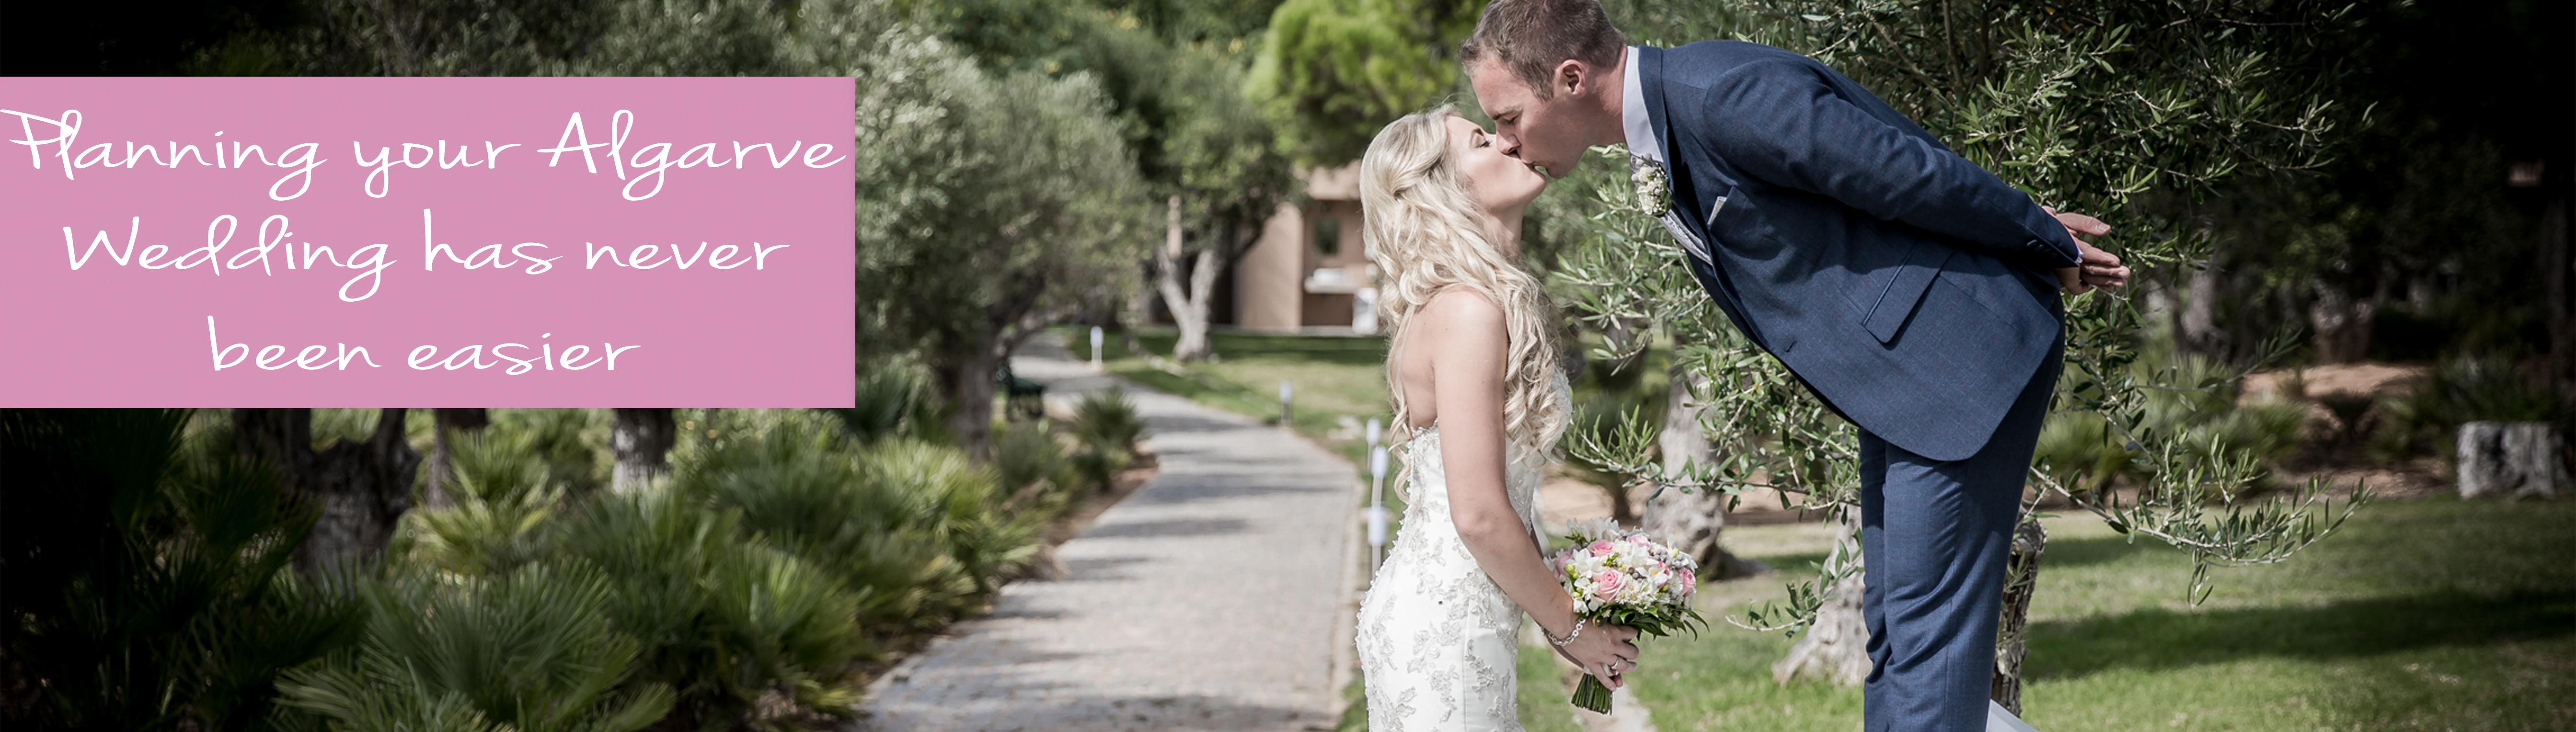 #algarveweddingphotographer #jameshardiephotography #algarveweddings